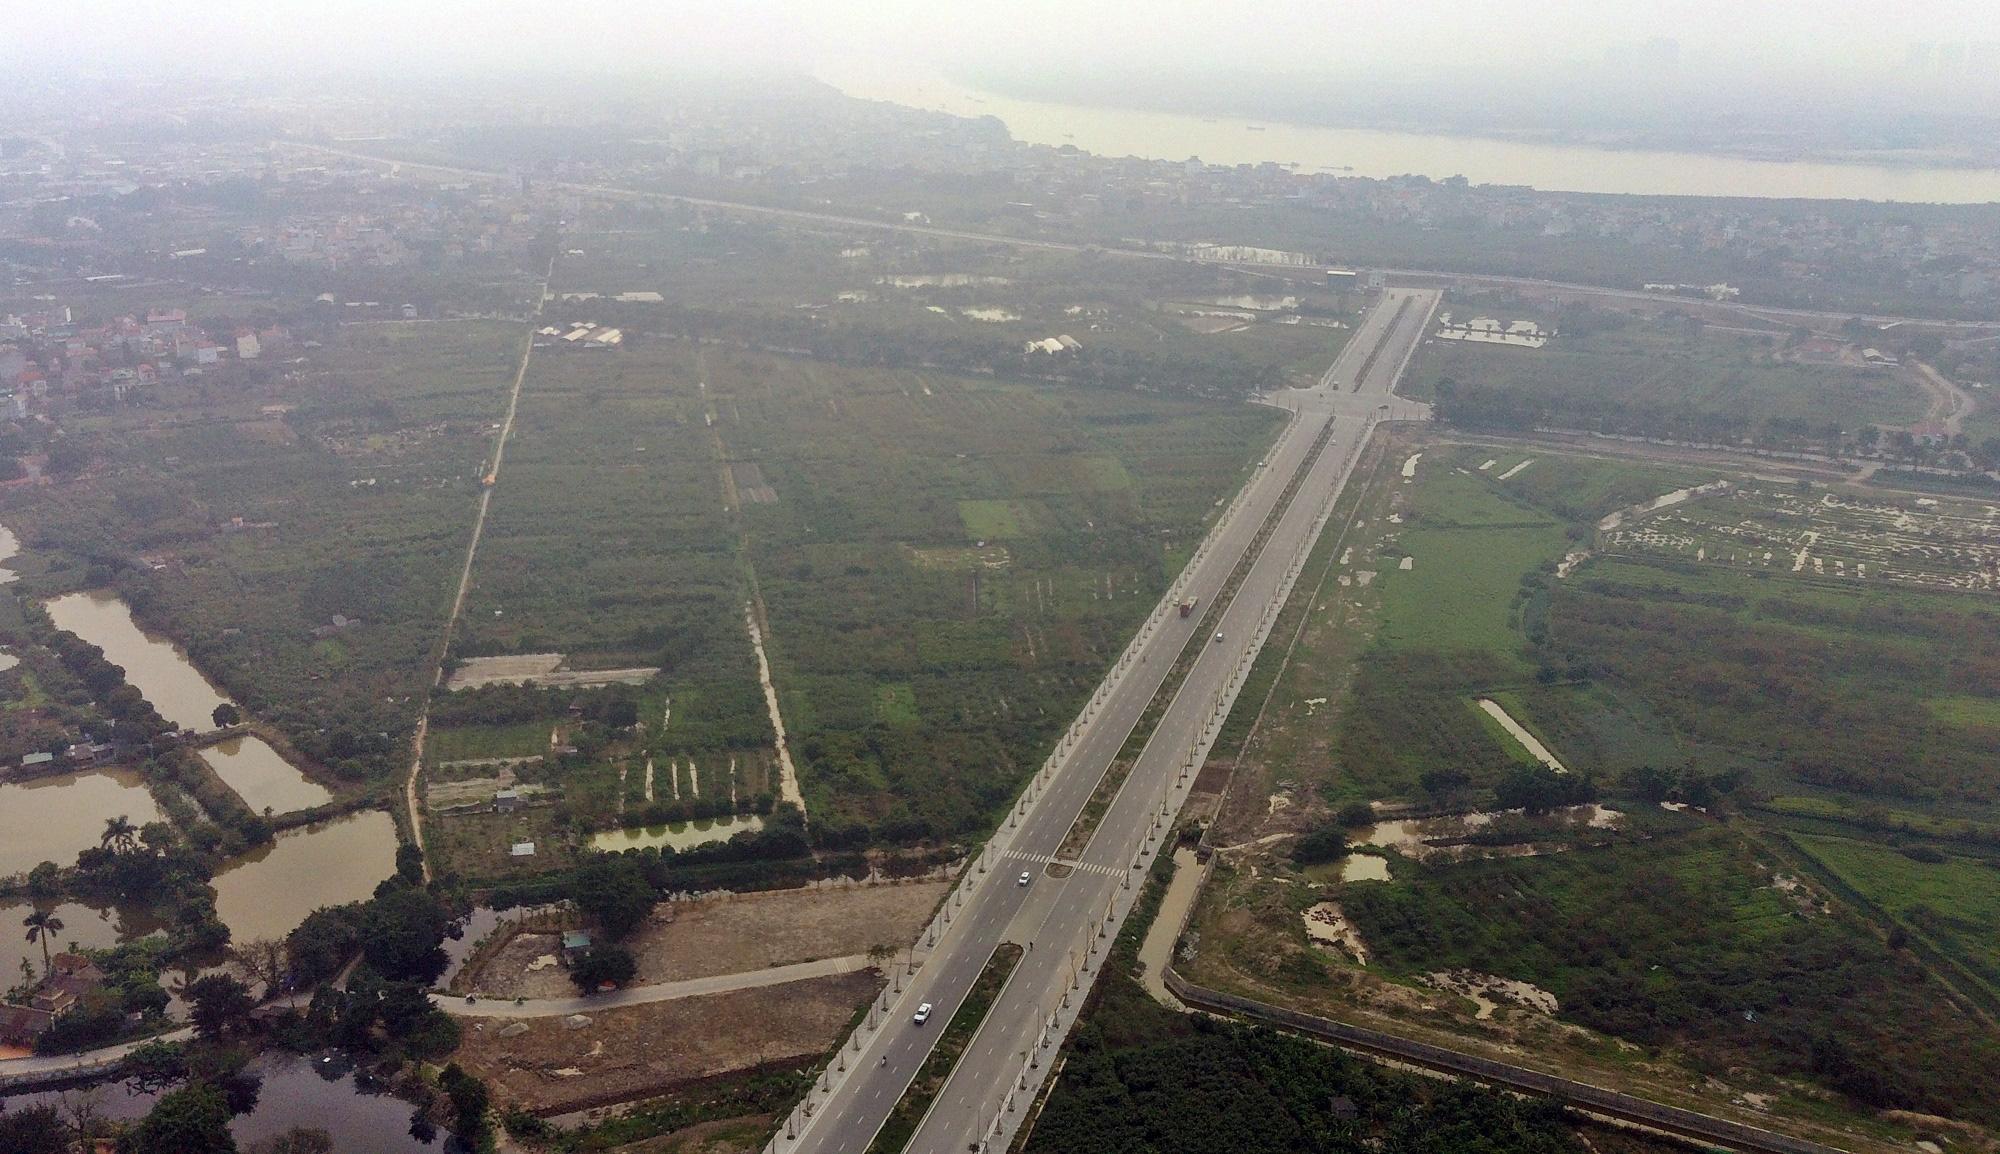 Chuẩn bị lên quận, hạ tầng giao thông huyện Gia Lâm đang thay đổi 'chóng mặt' - Ảnh 7.